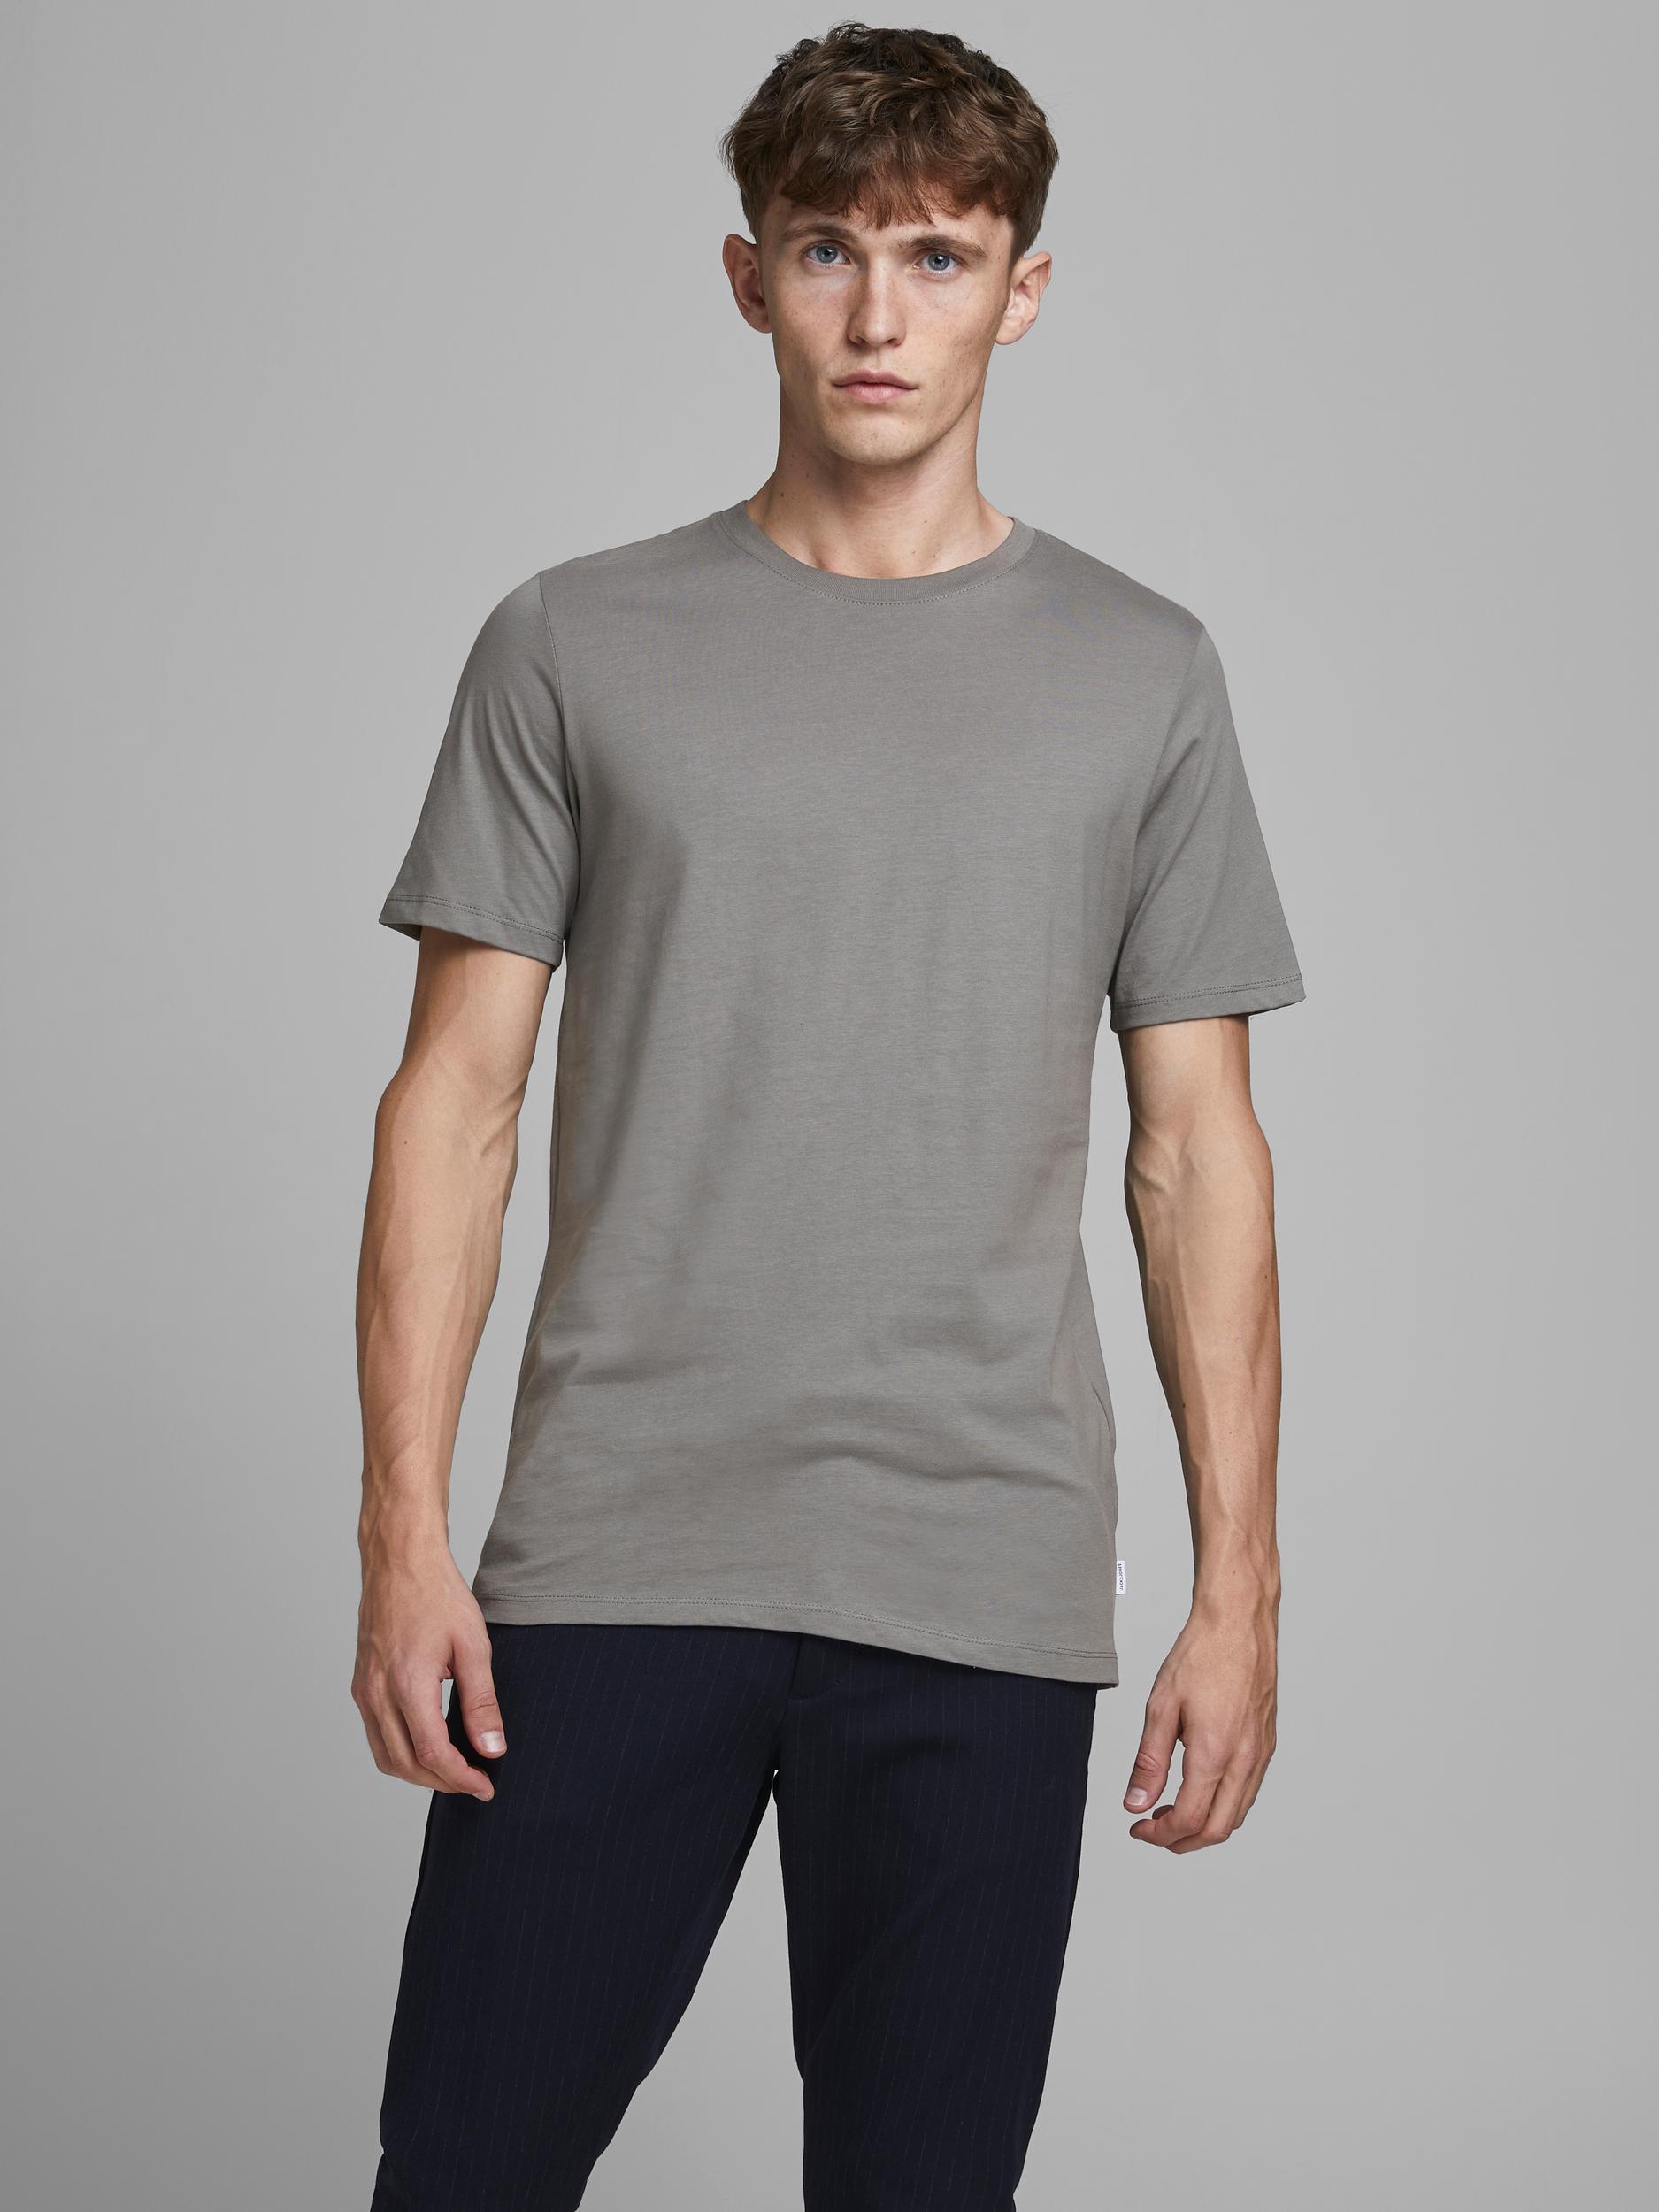 Jack & Jones Organic Basic t-shirt, sedona sage, medium